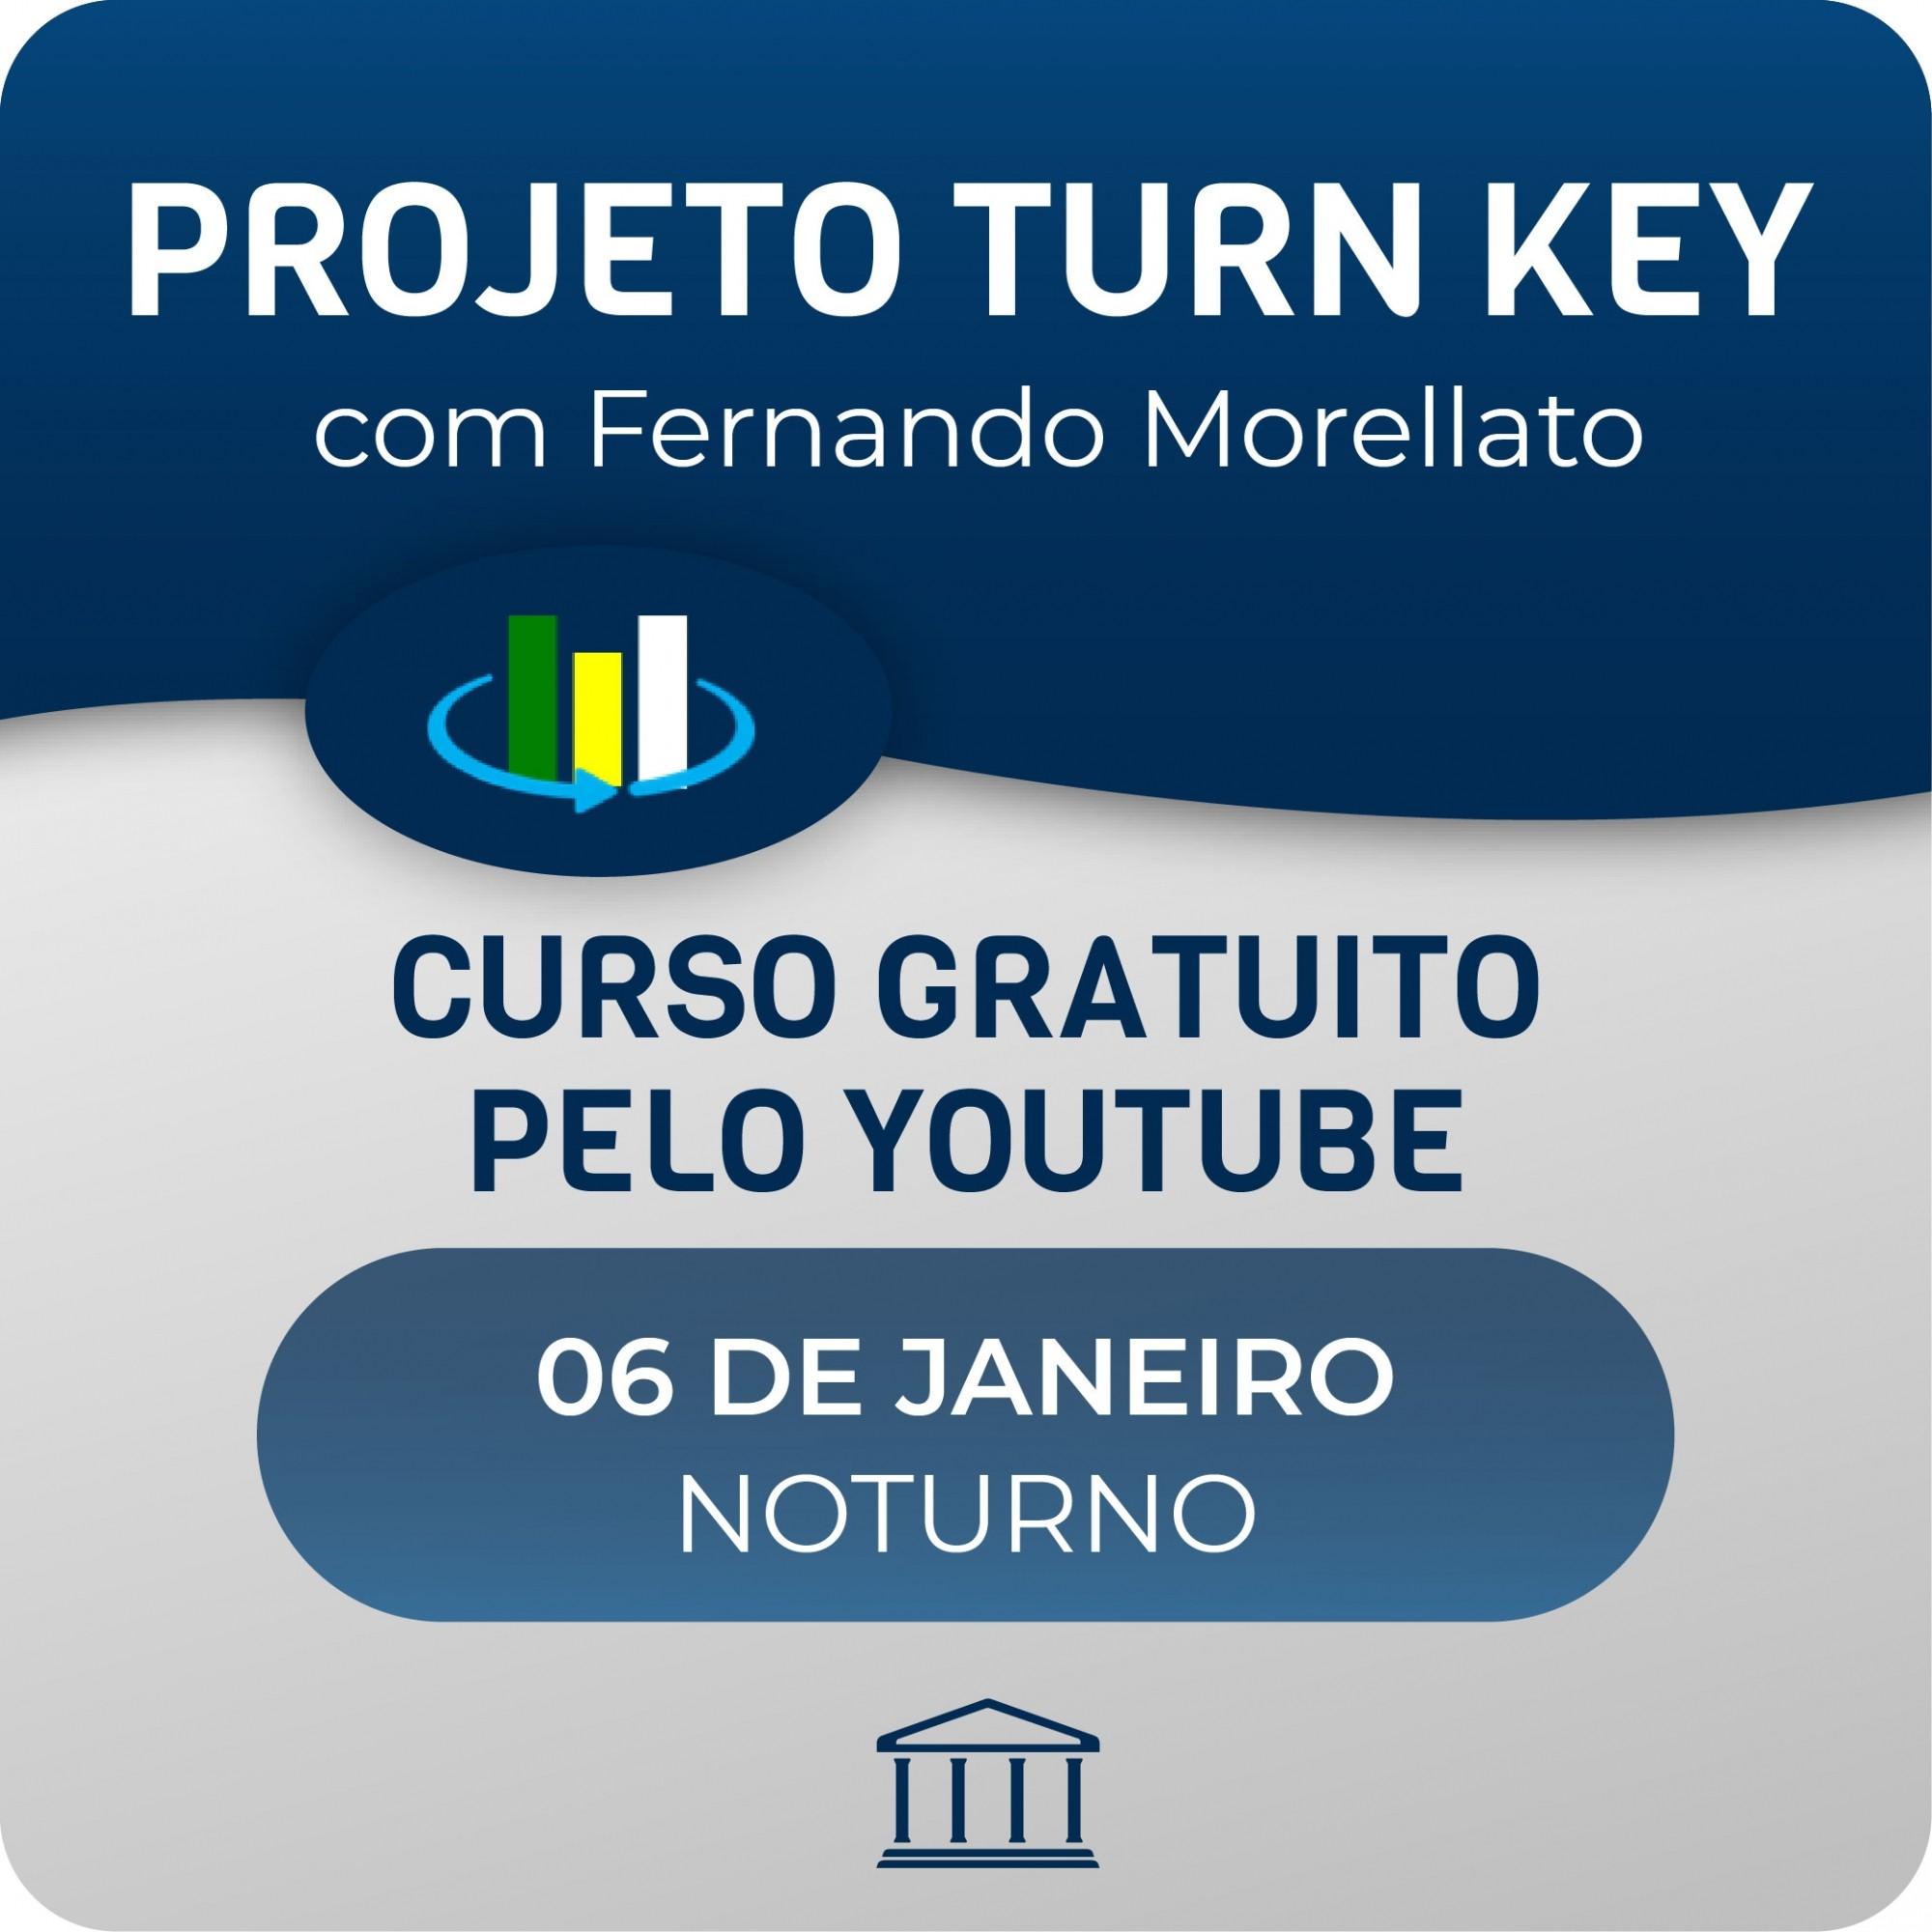 Curso Projeto Turn Key com Fernando Morellato  - Voz e Dados